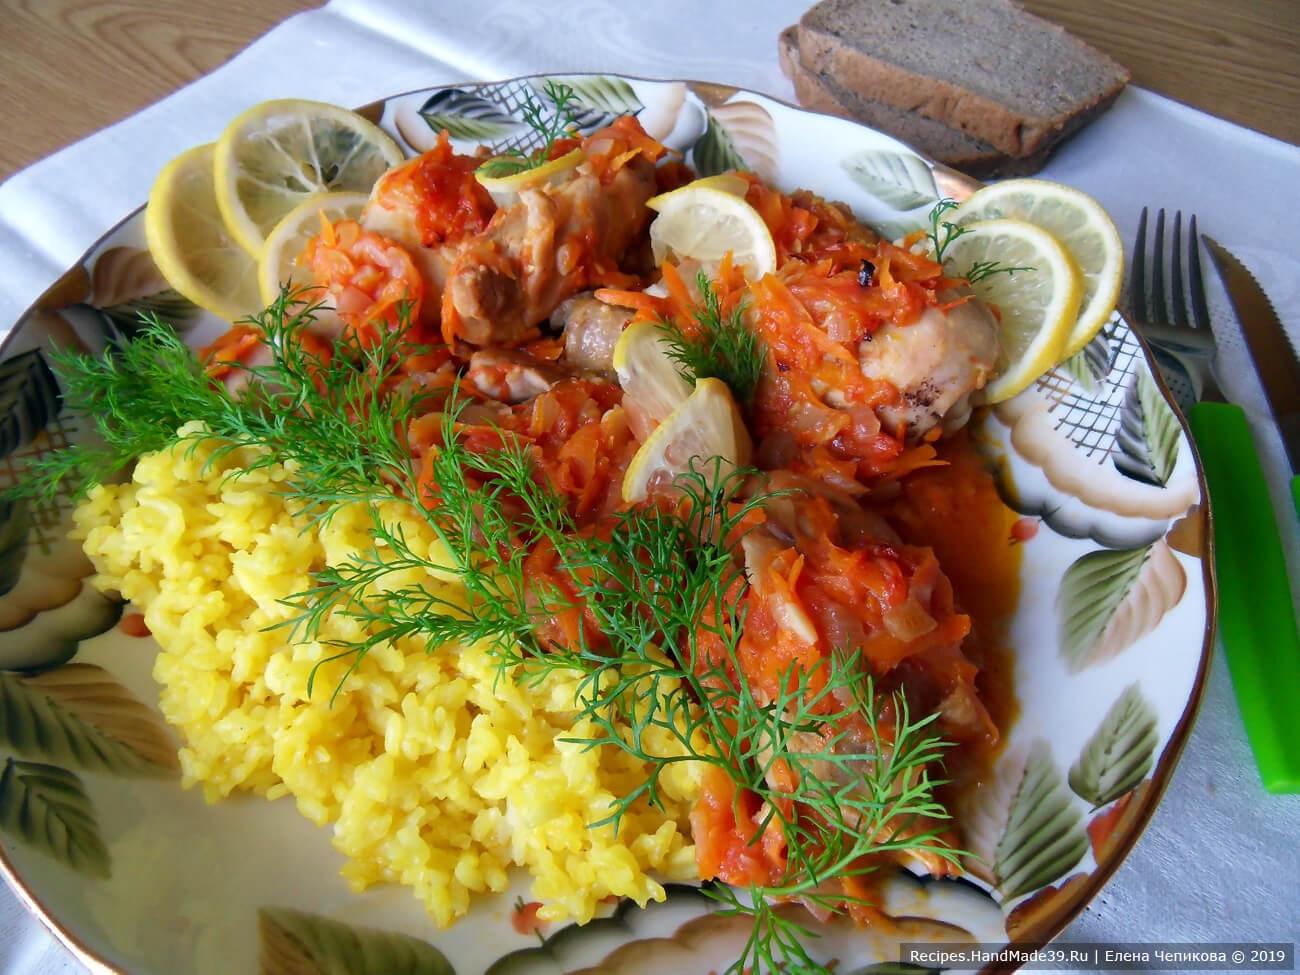 Цыплёнка-плакию подавать с зеленью и лимоном, нарезанным на ломтики. Приятного аппетита!